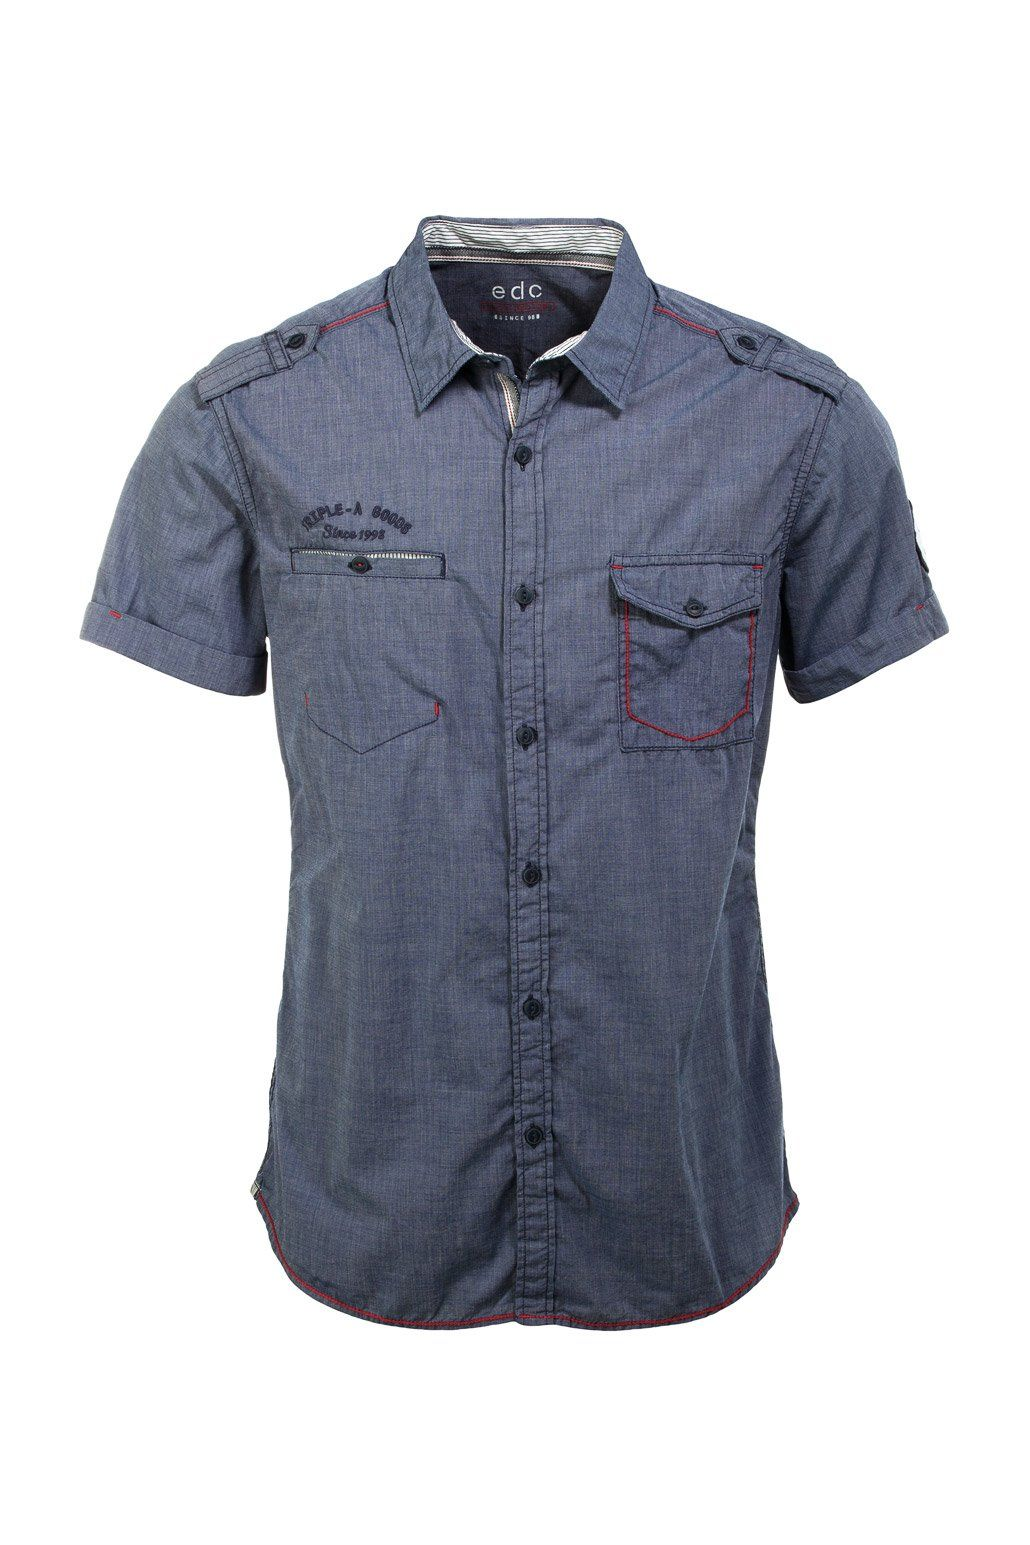 edc by ESPRIT Kurzarm Slim Fit - Camisa de manga corta para hombre   Amazon.es  Ropa y accesorios cfaff172b6